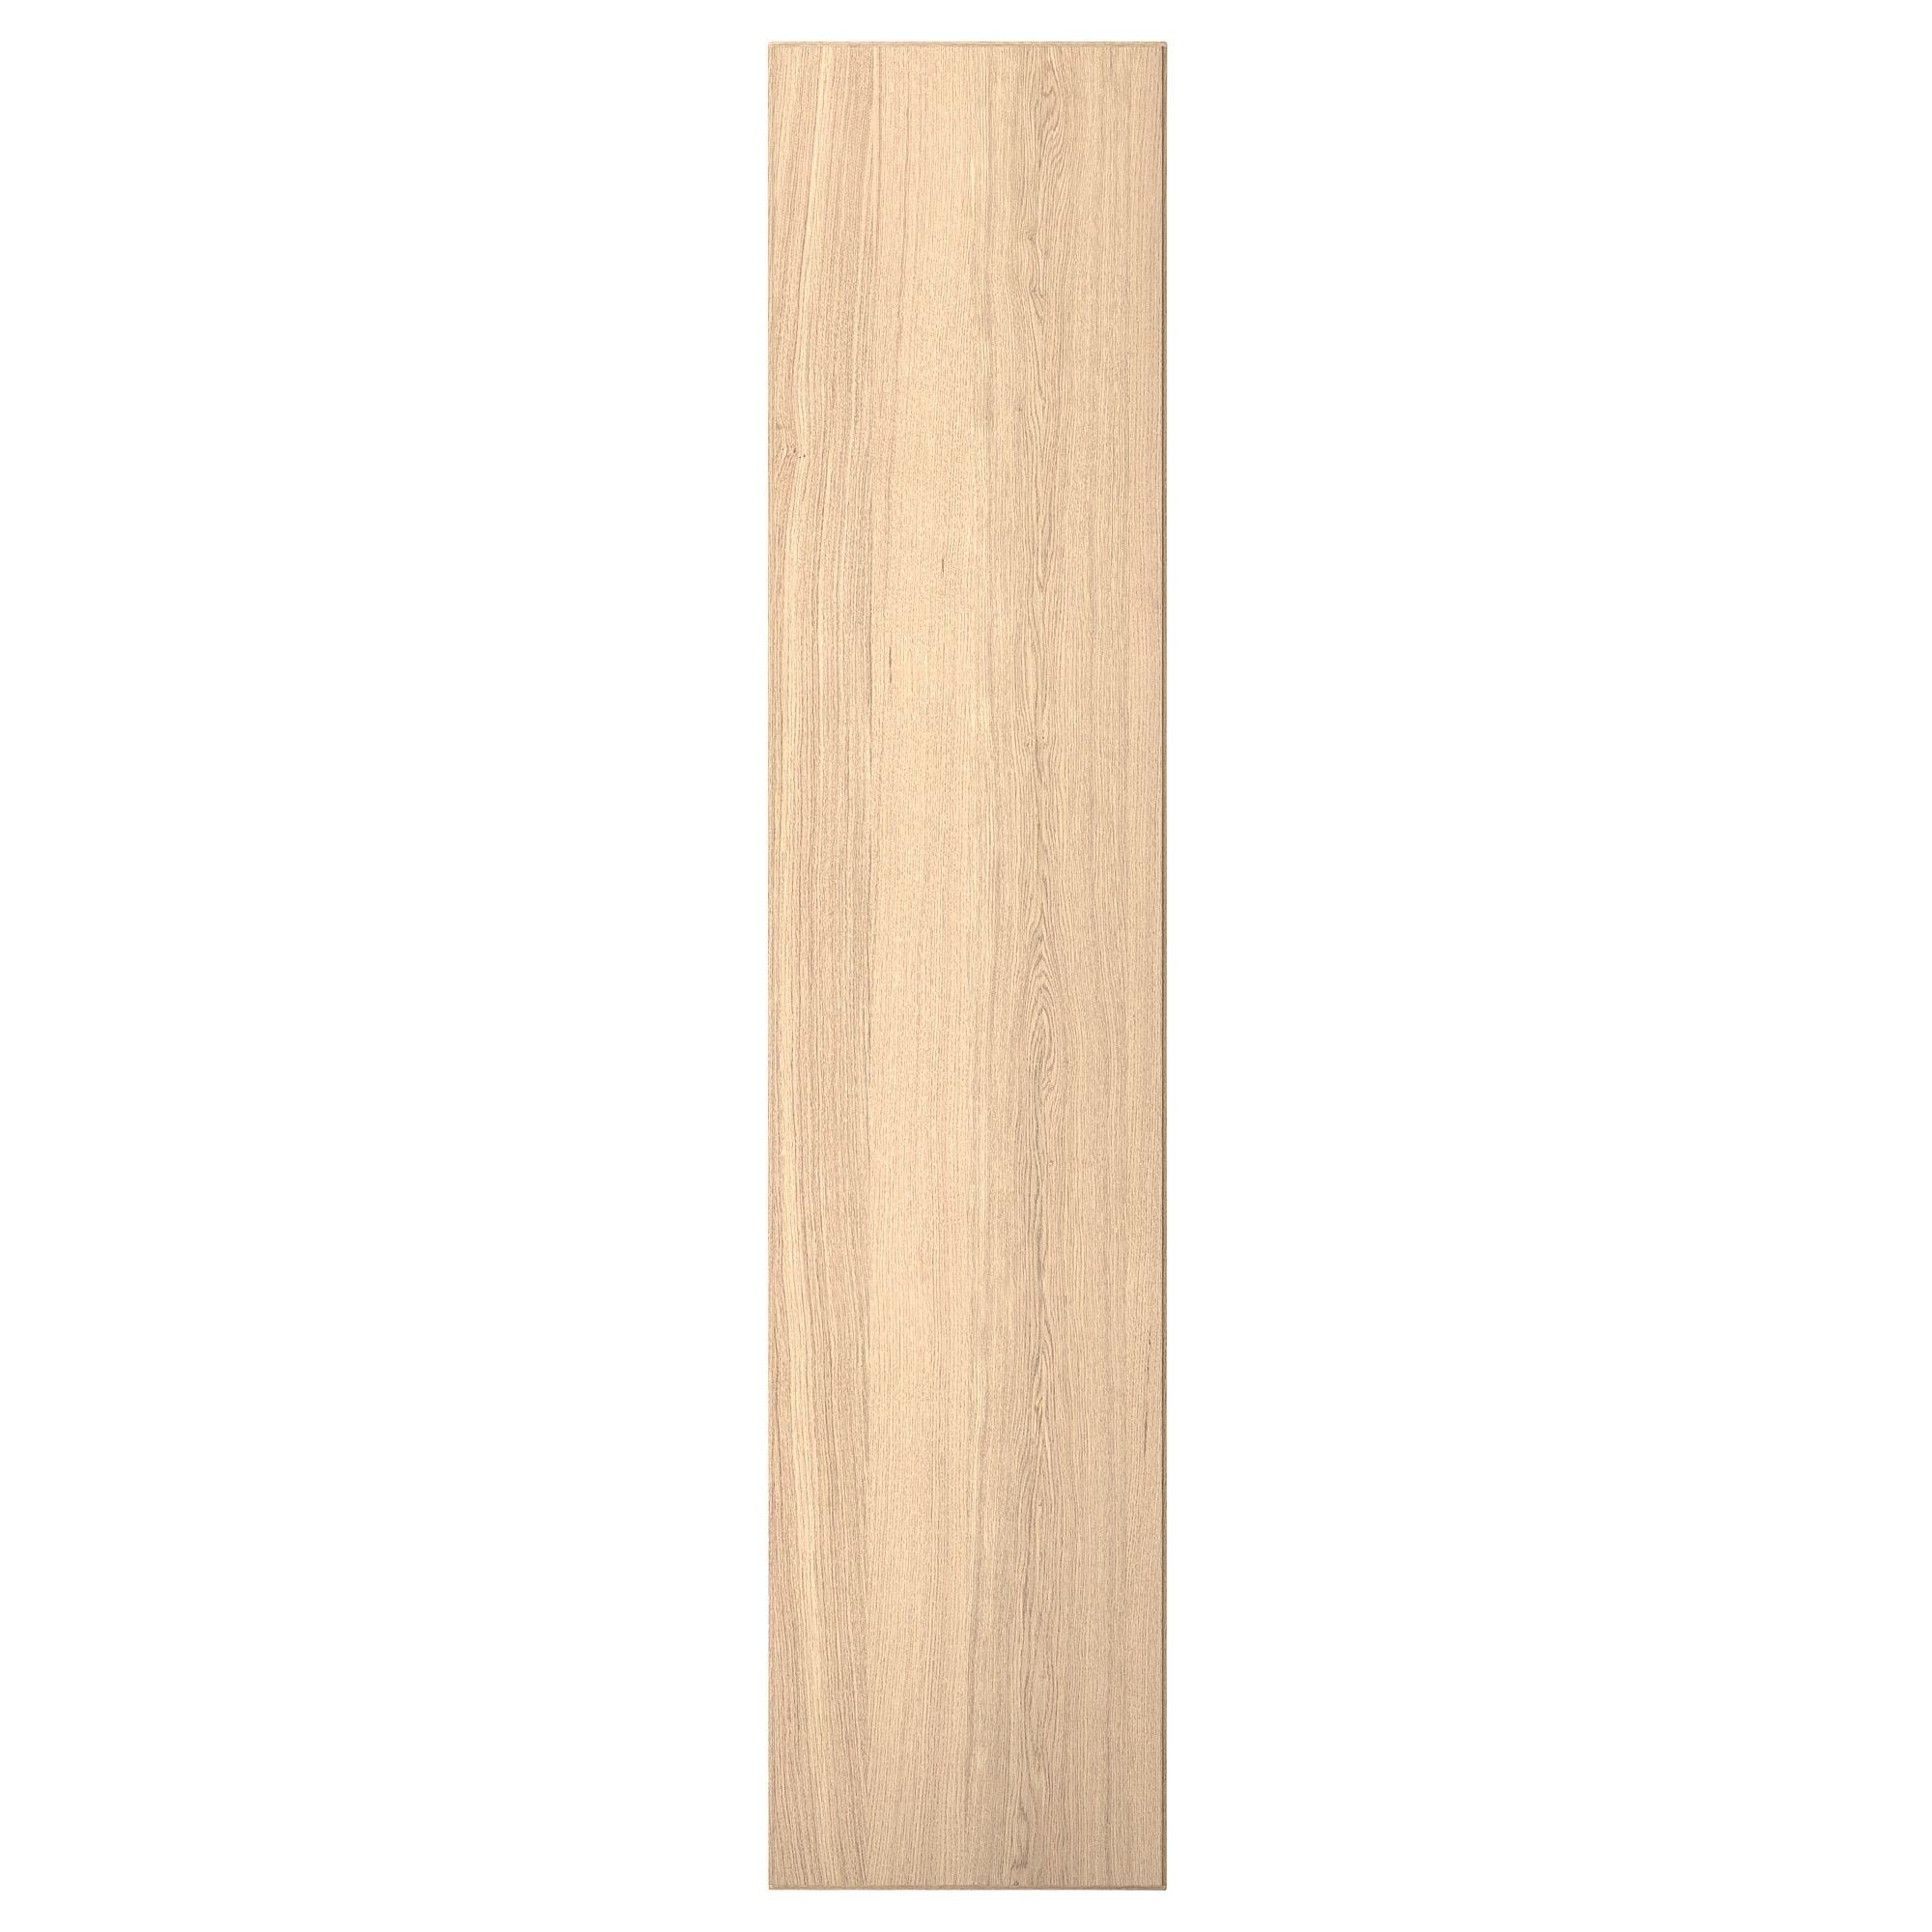 Ikea Repvåg Door With Hinges White Stained Oak Veneer In